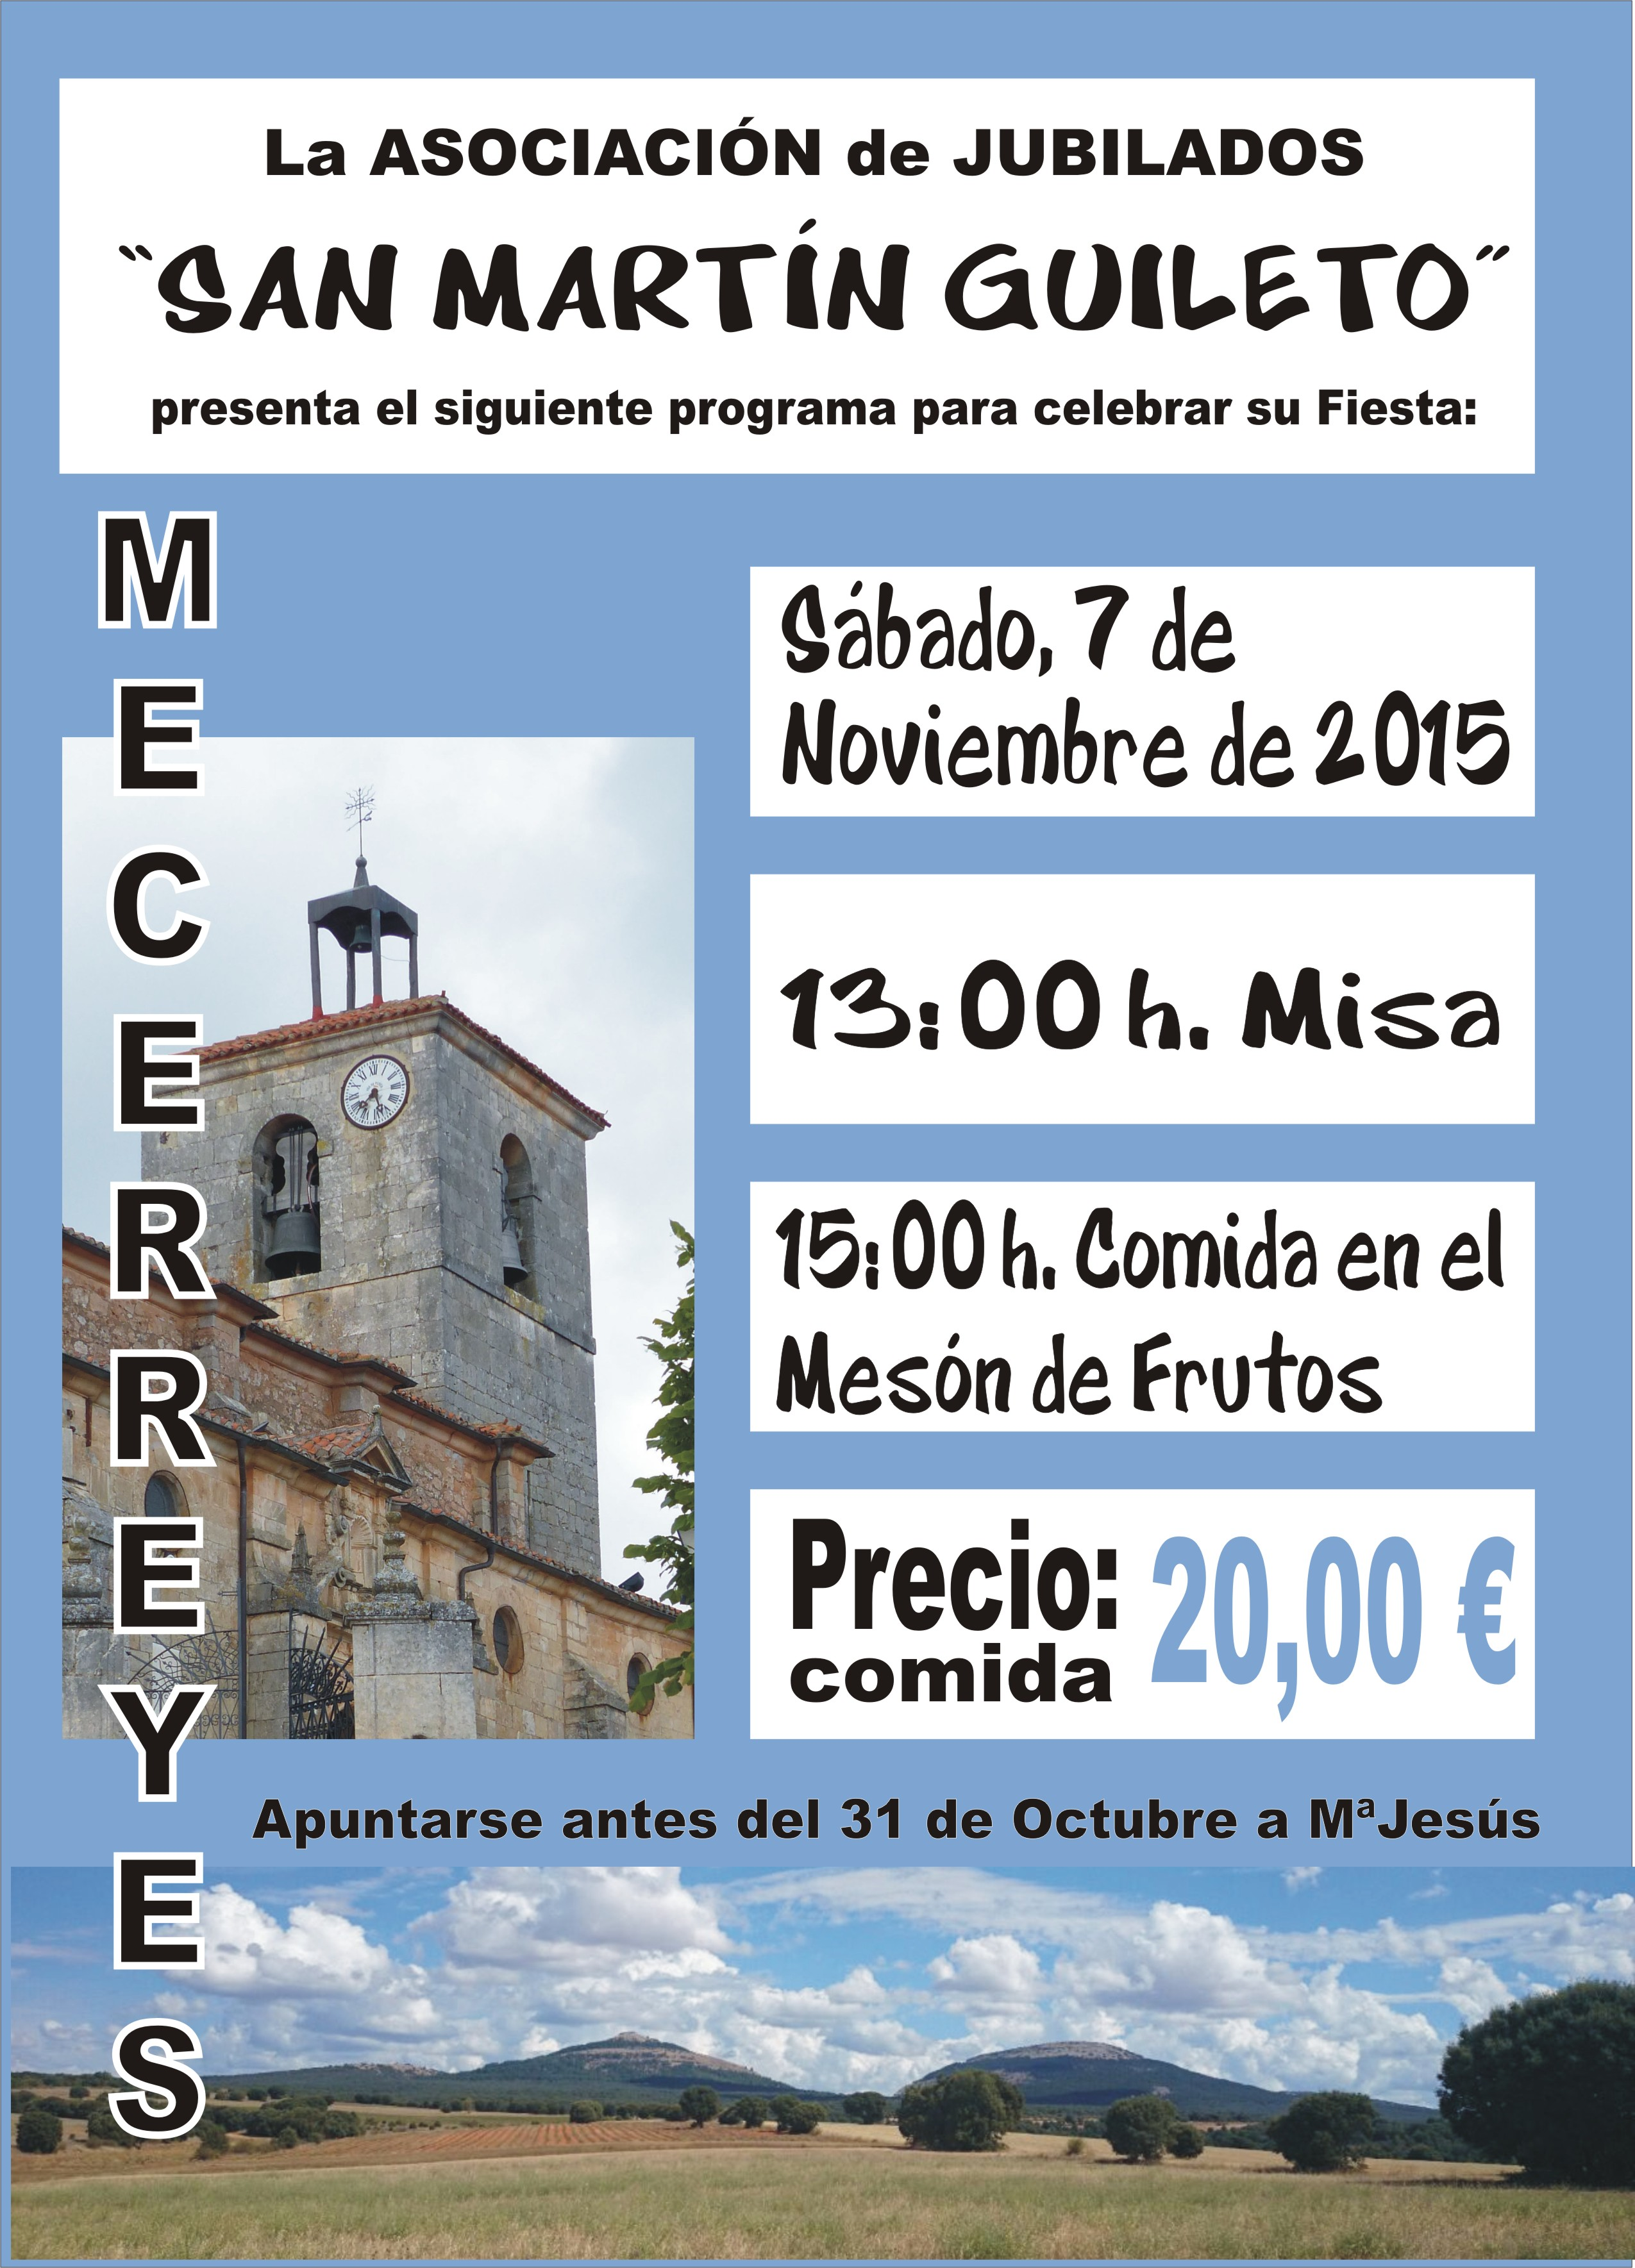 San Martín, Fiesta de la Asociación de Jubilados 2015